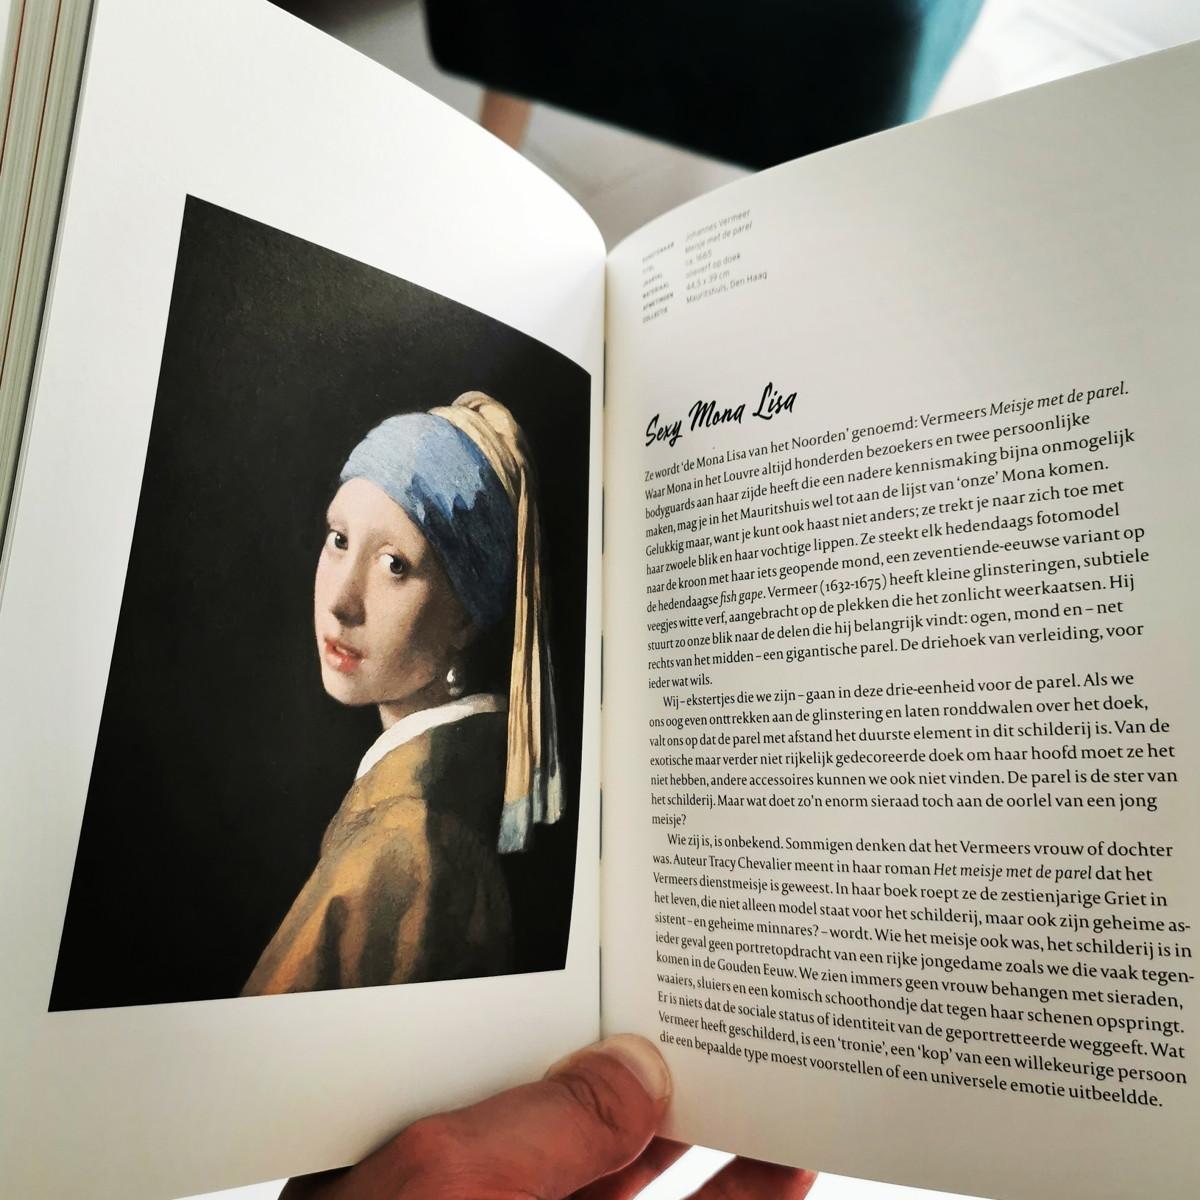 Een pagina uit het boek van de Kunstmeisjes